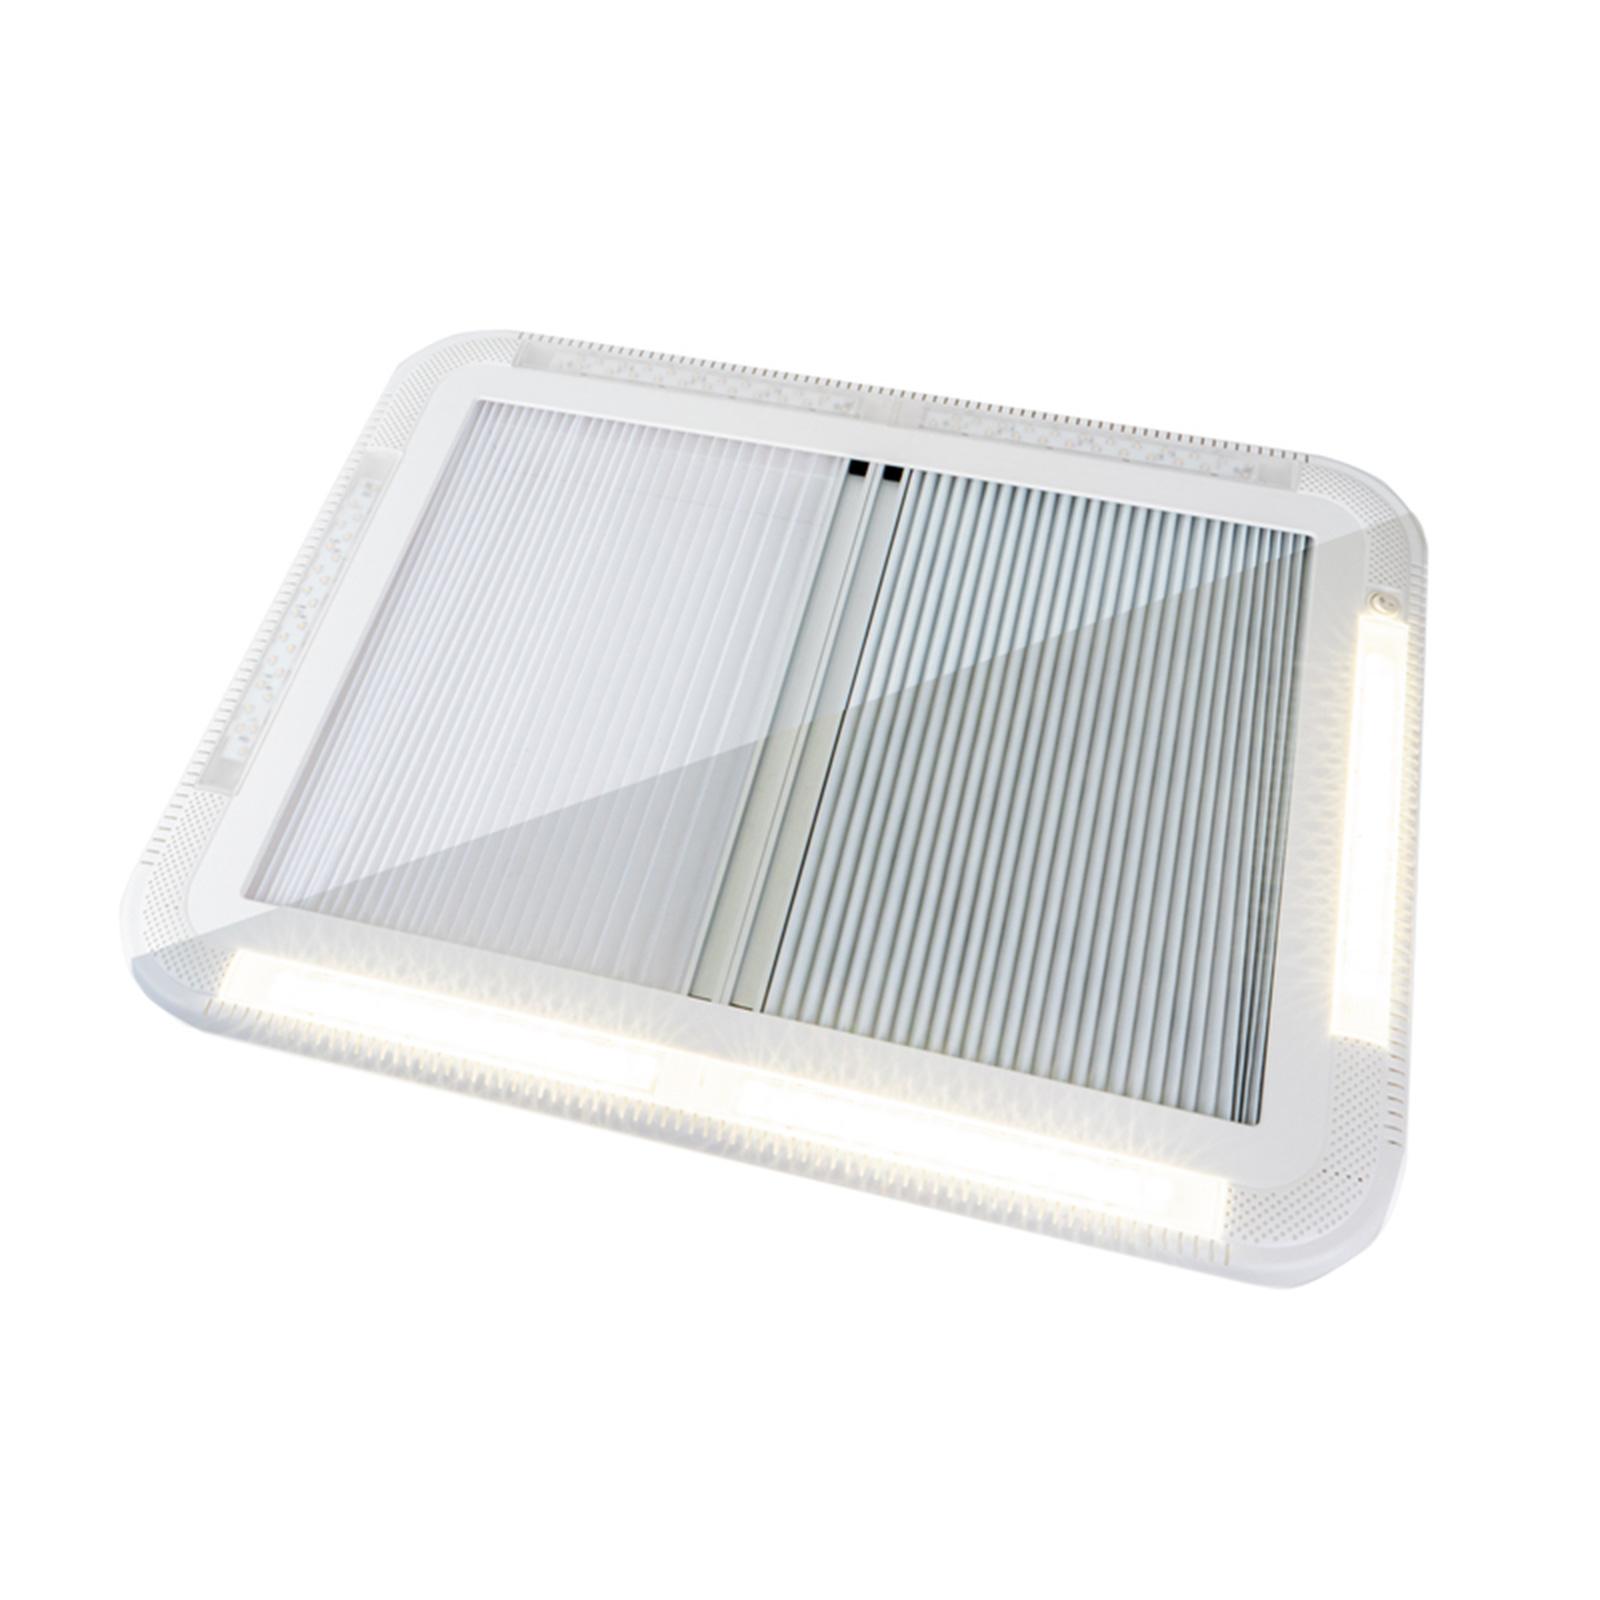 Carbest Dachhaube 70x50 cm mit Zwangsbelüftung + LEDs für Caravan Wohnwagen